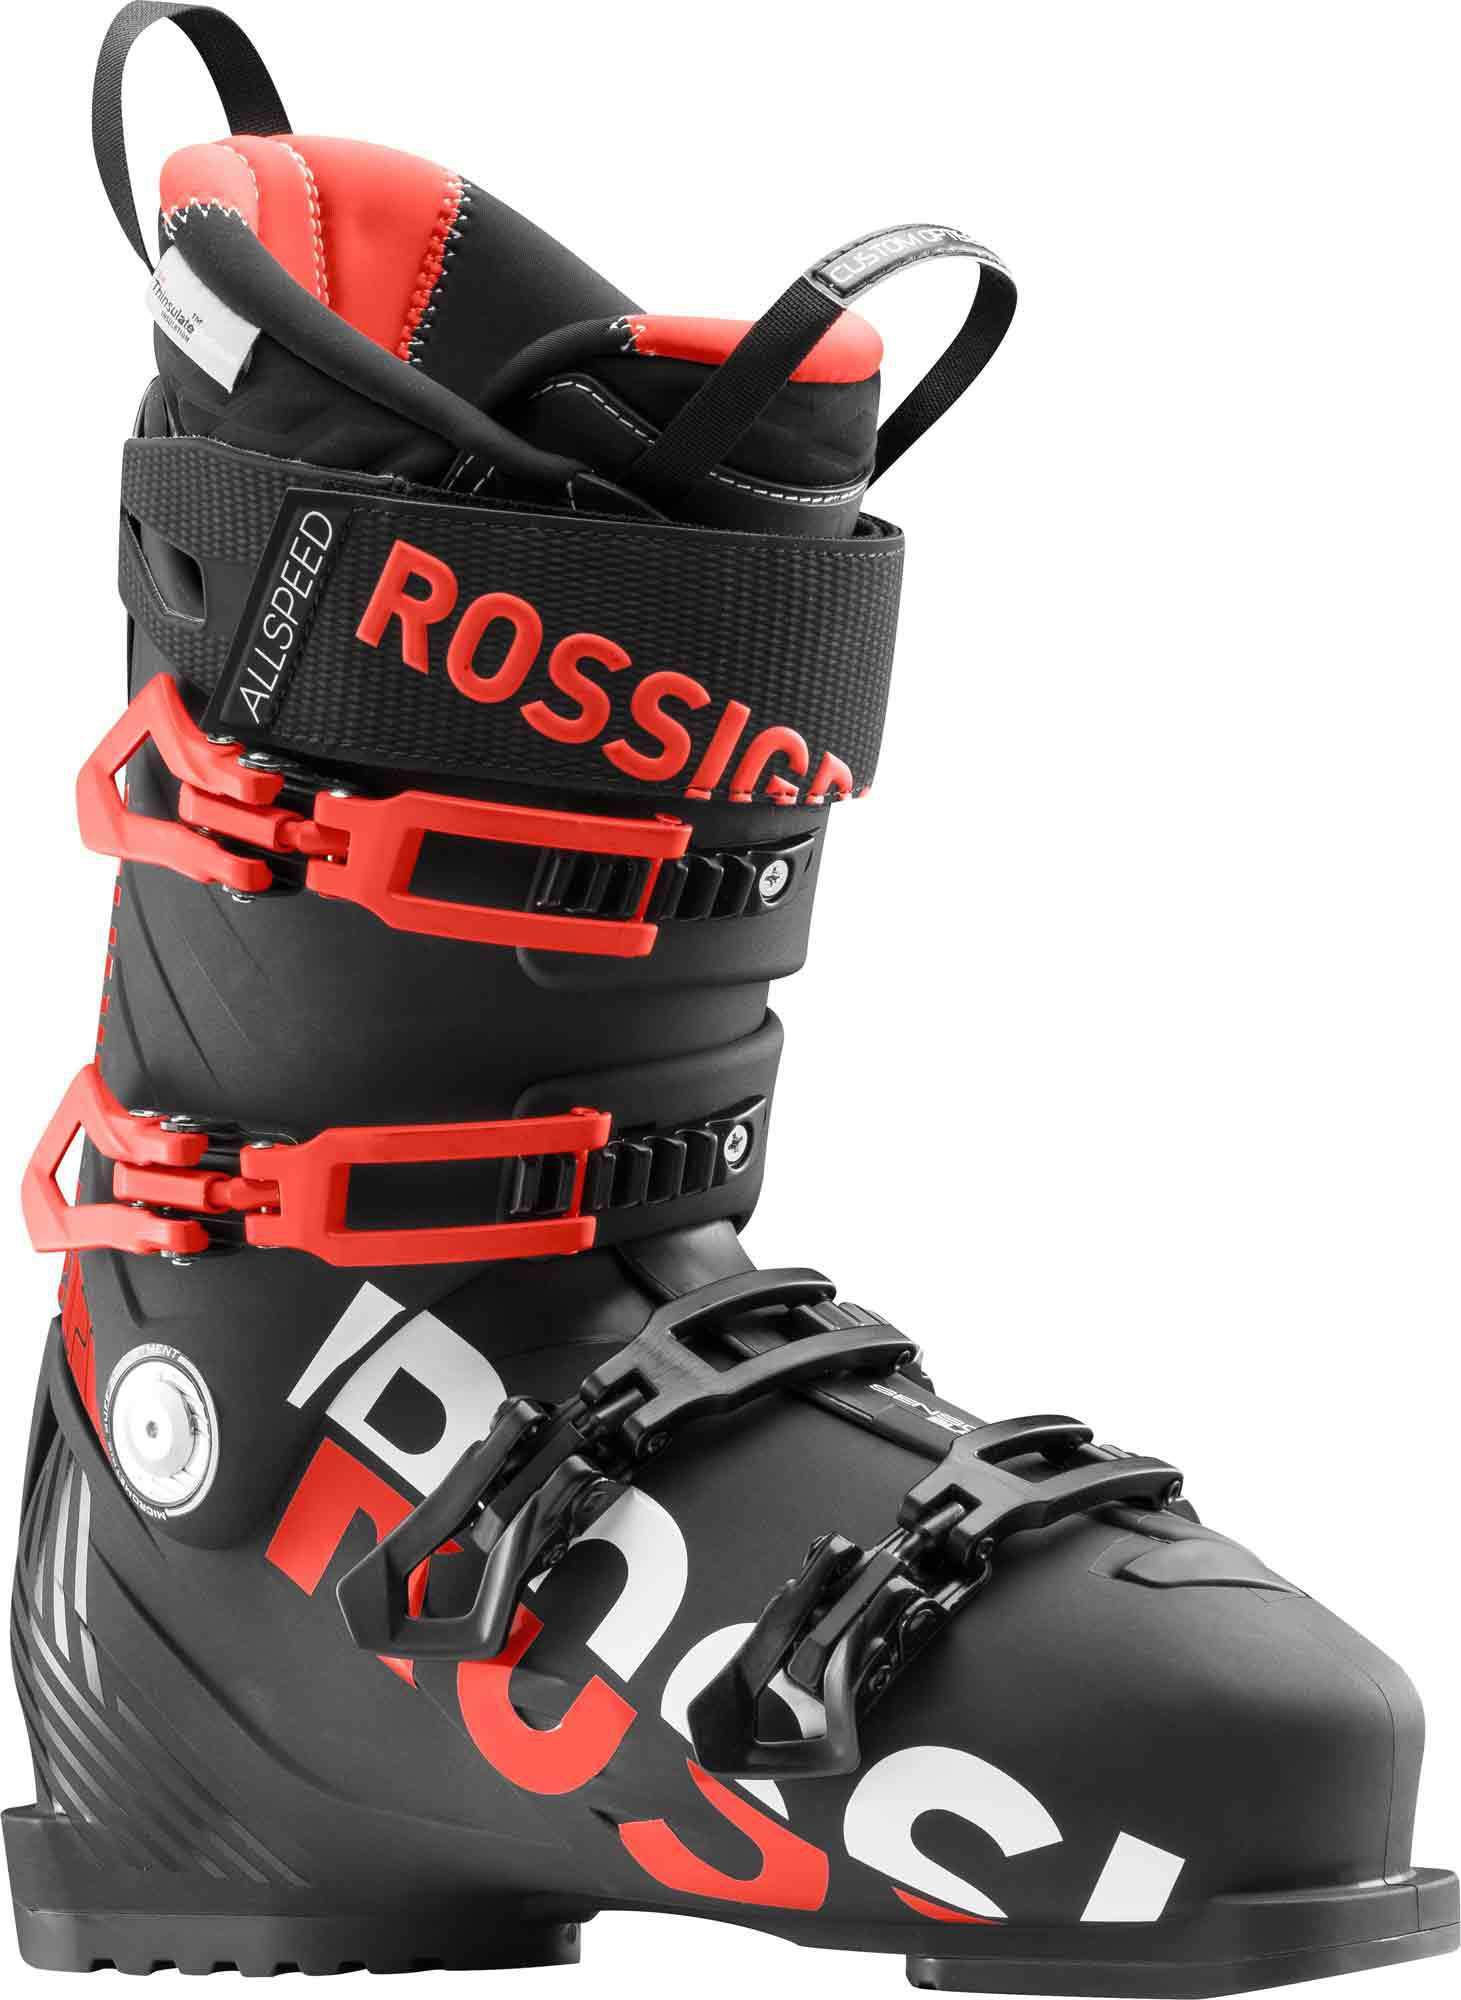 Купить Горнолыжные ботинки ROSSIGNOL 2017-18 ALLSPEED PRO 120 BLACK, Ботинки горнoлыжные, 1363770